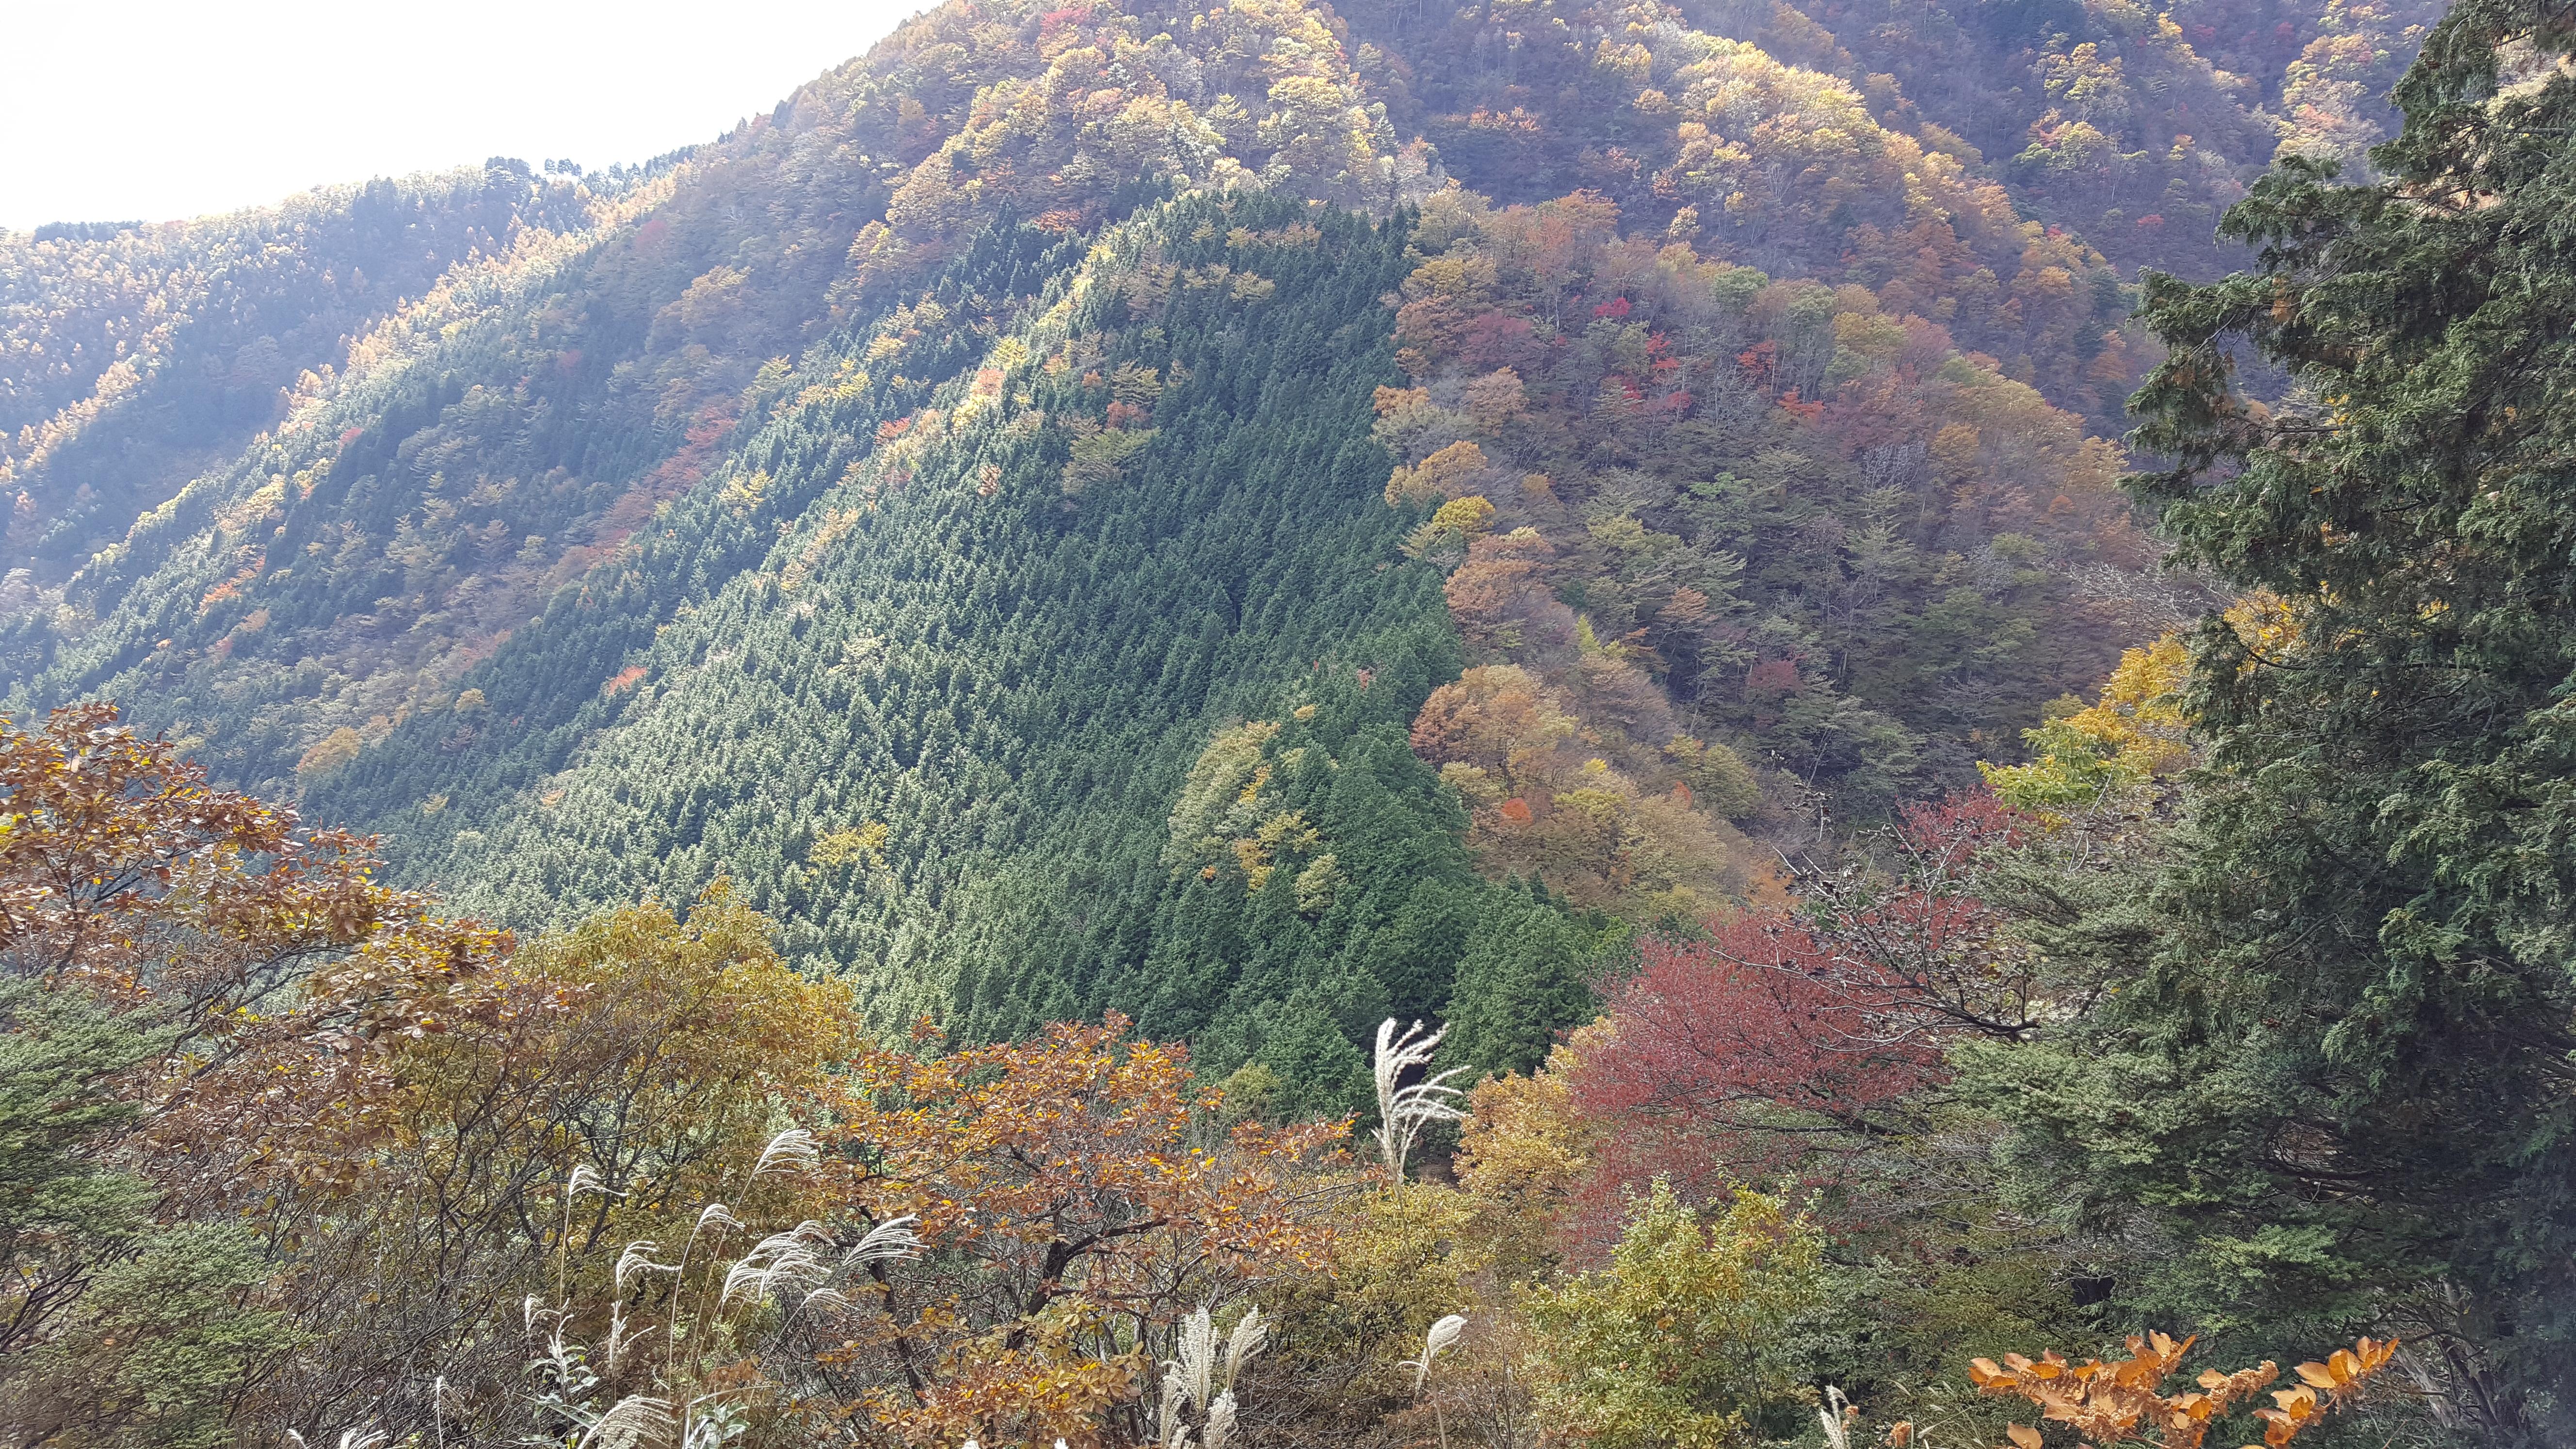 鳩ノ巣から川苔山(川乗山)へ